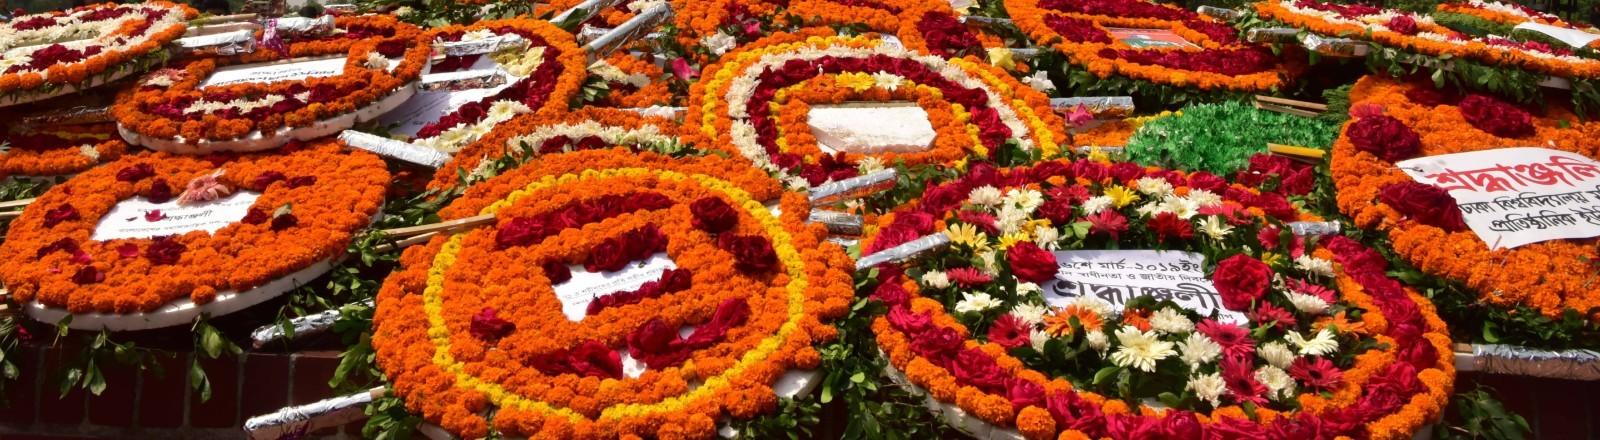 Blumenkränze liegen vor dem Jatiyo-Sriti-Shoudho-Denkmal in Bangladesh, das an die verstorbenen Soldaten des Unabhängigkeitskrieges 1971 erinnern soll.